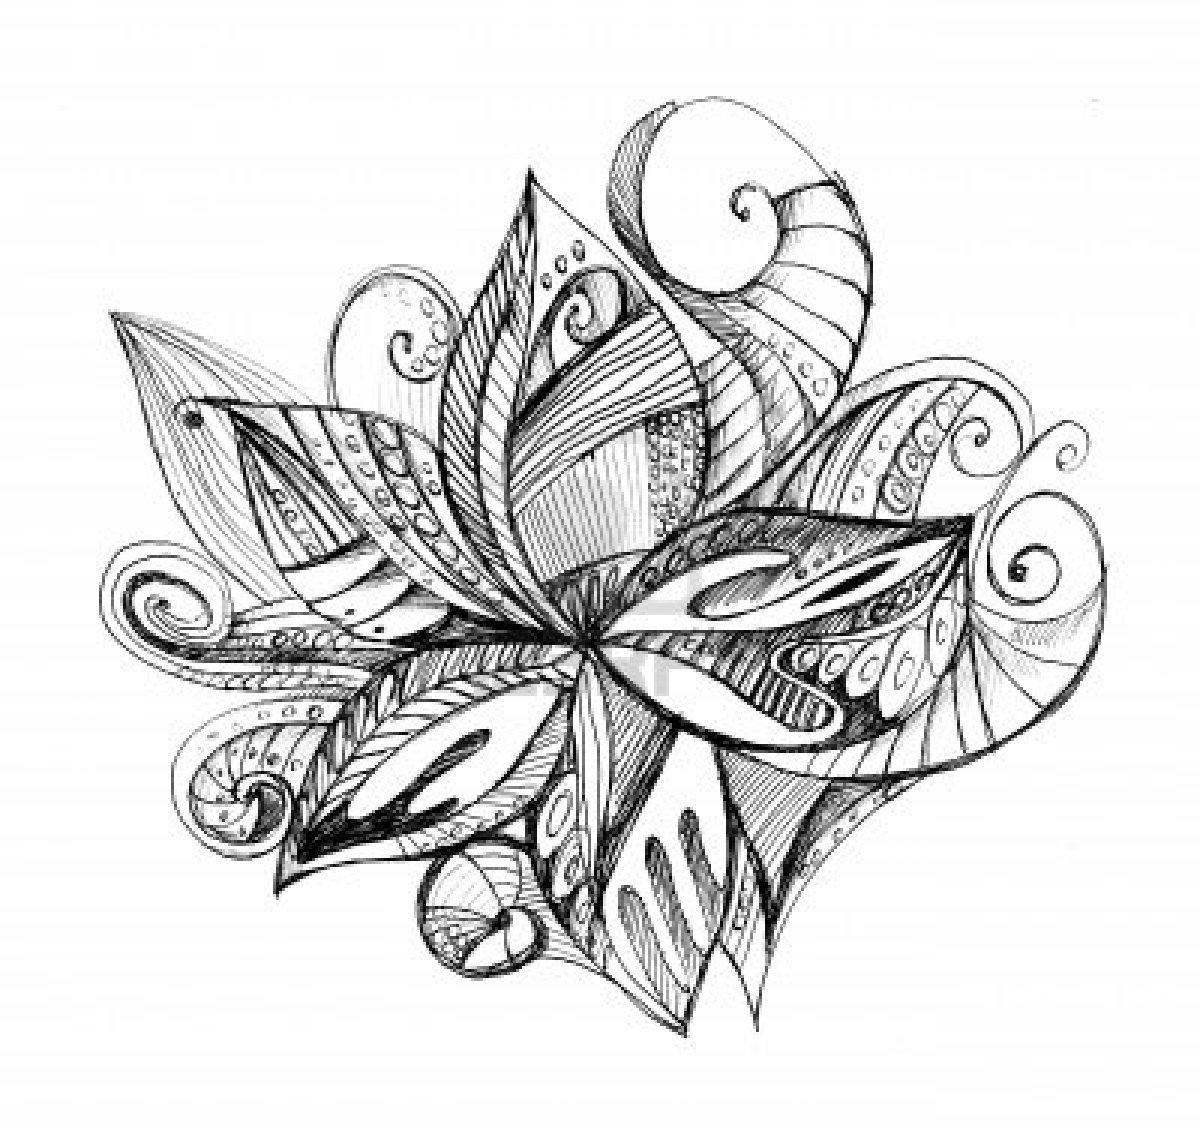 imagenes de flores para dibujar a lapiz - Imagenes de flores para dibujar a lapiz Imagenes nuevas